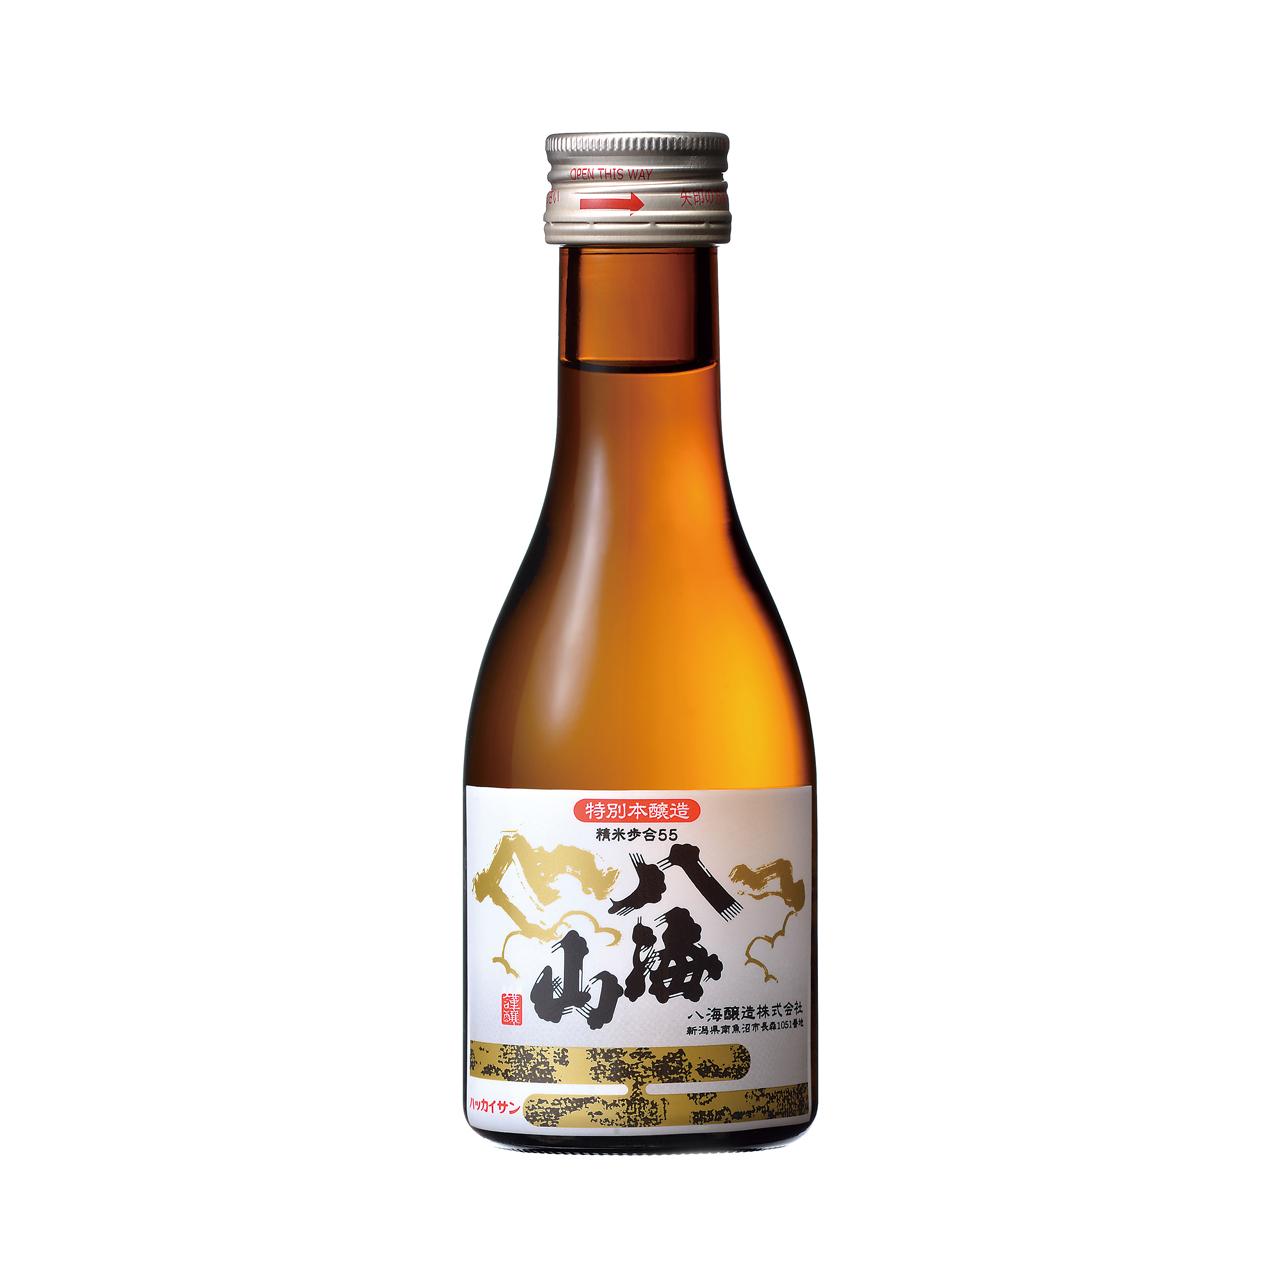 お酒 お中元 ギフト 八海山 特別本醸造 180ml 30本 新潟県 八海山 日本酒 ケース販売 プレゼント